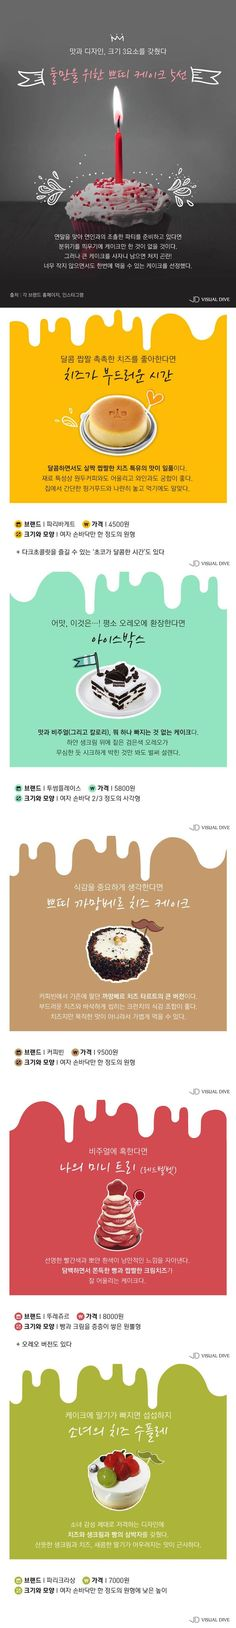 연인과의 달콤한 연말 파티를 위한 '미니 케이크' 5선 [카드뉴스] #Cake / #Cardnews ⓒ 비주얼다이브 무단 복사·전재·재배포 금지